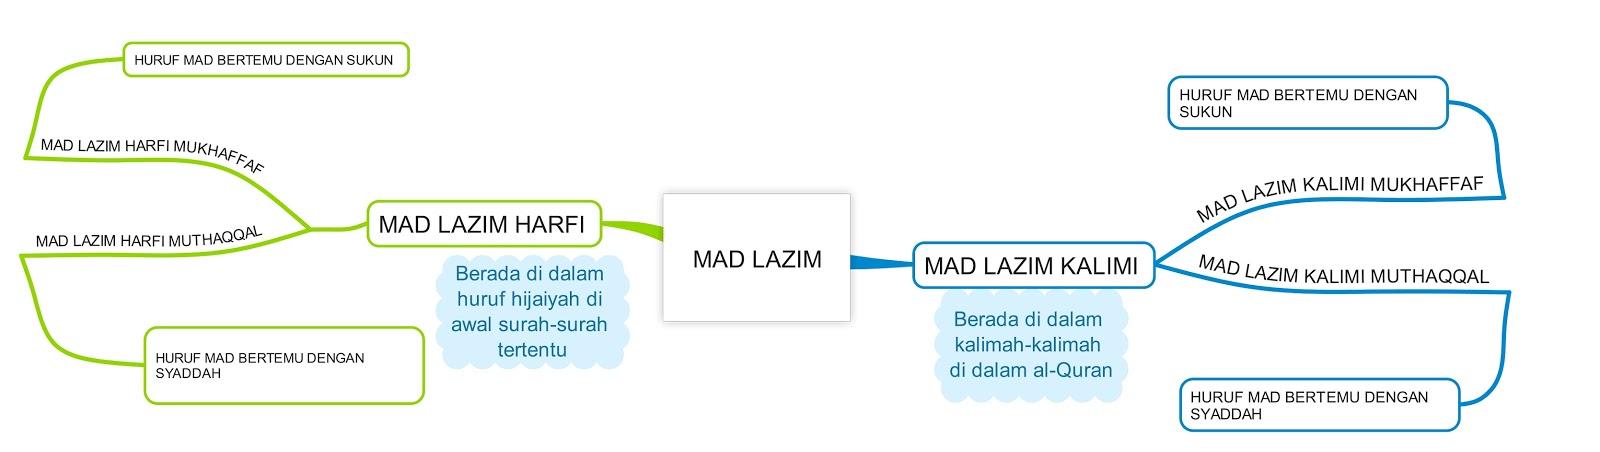 Mad Lazim